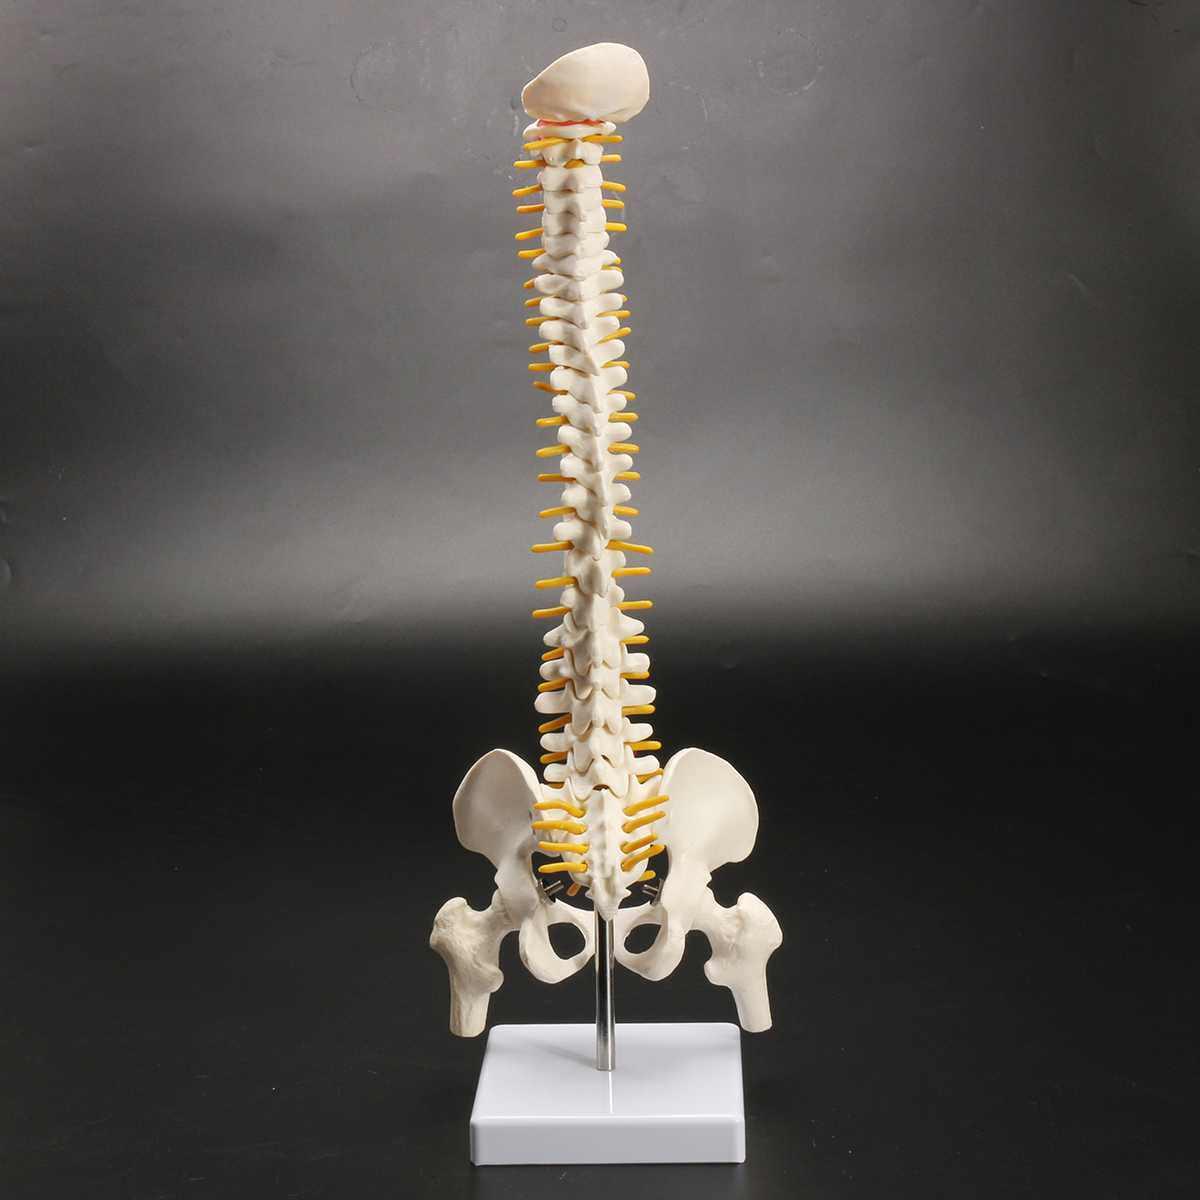 45 ซม. มนุษย์กระดูกสันหลังด้วย Pelvic รุ่นมนุษย์กายวิภาคศาสตร์กายวิภาคศาสตร์ Spine Medical รุ่น spinal column ชุด + ขาตั้งยืดหยุ่น